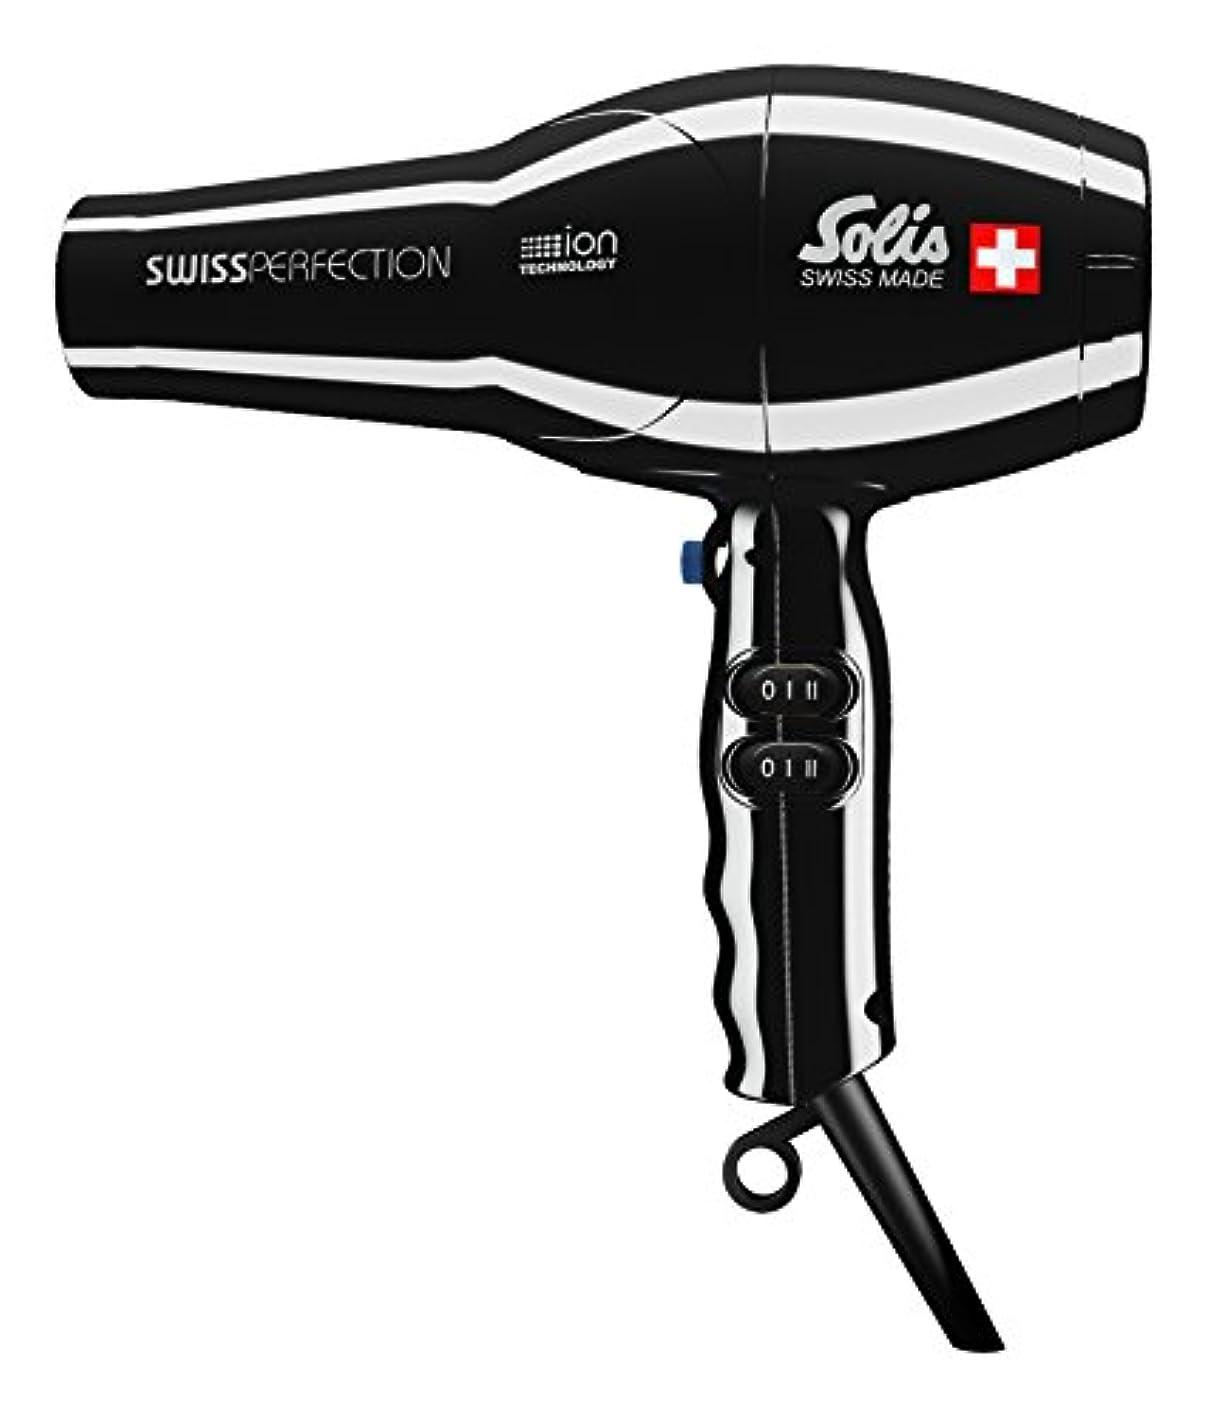 テレマコス外科医不変ソリスプロフェッショナル仕様ドライヤー、温風温度77℃で髪にやさしい、イオンテクノロジー、スイスパーフェクション (SD440B)、黒